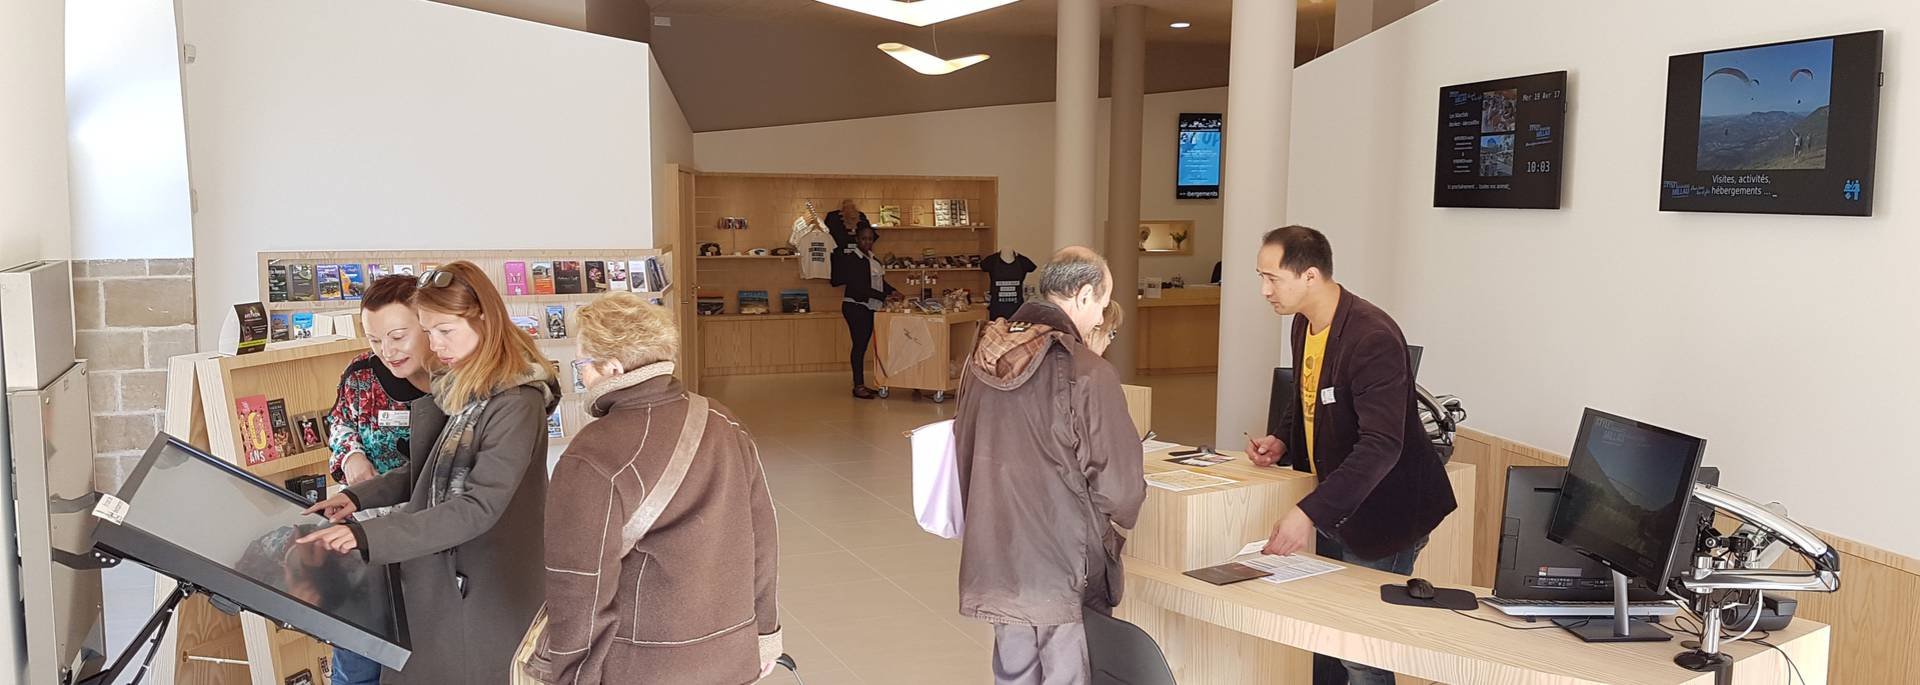 Espace d'accueil de l'Office de tourisme de Millau